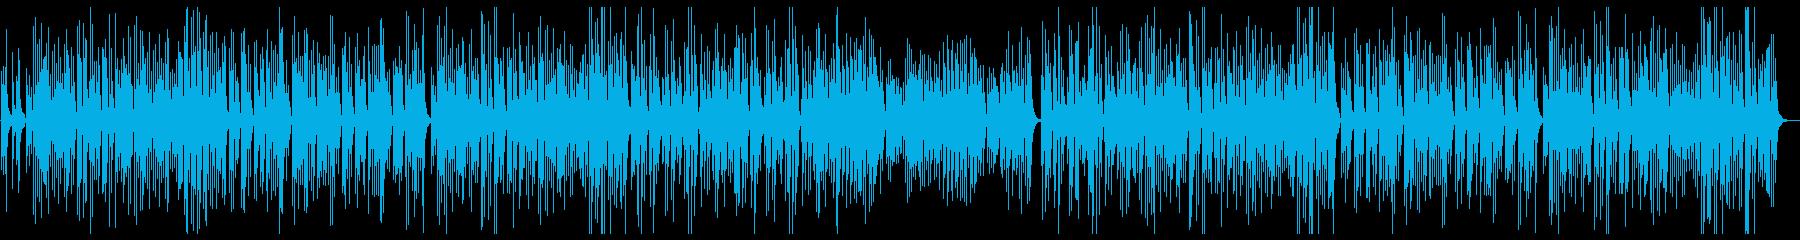 サティ「ジュ・トゥ・ヴー」ウクレレカバーの再生済みの波形